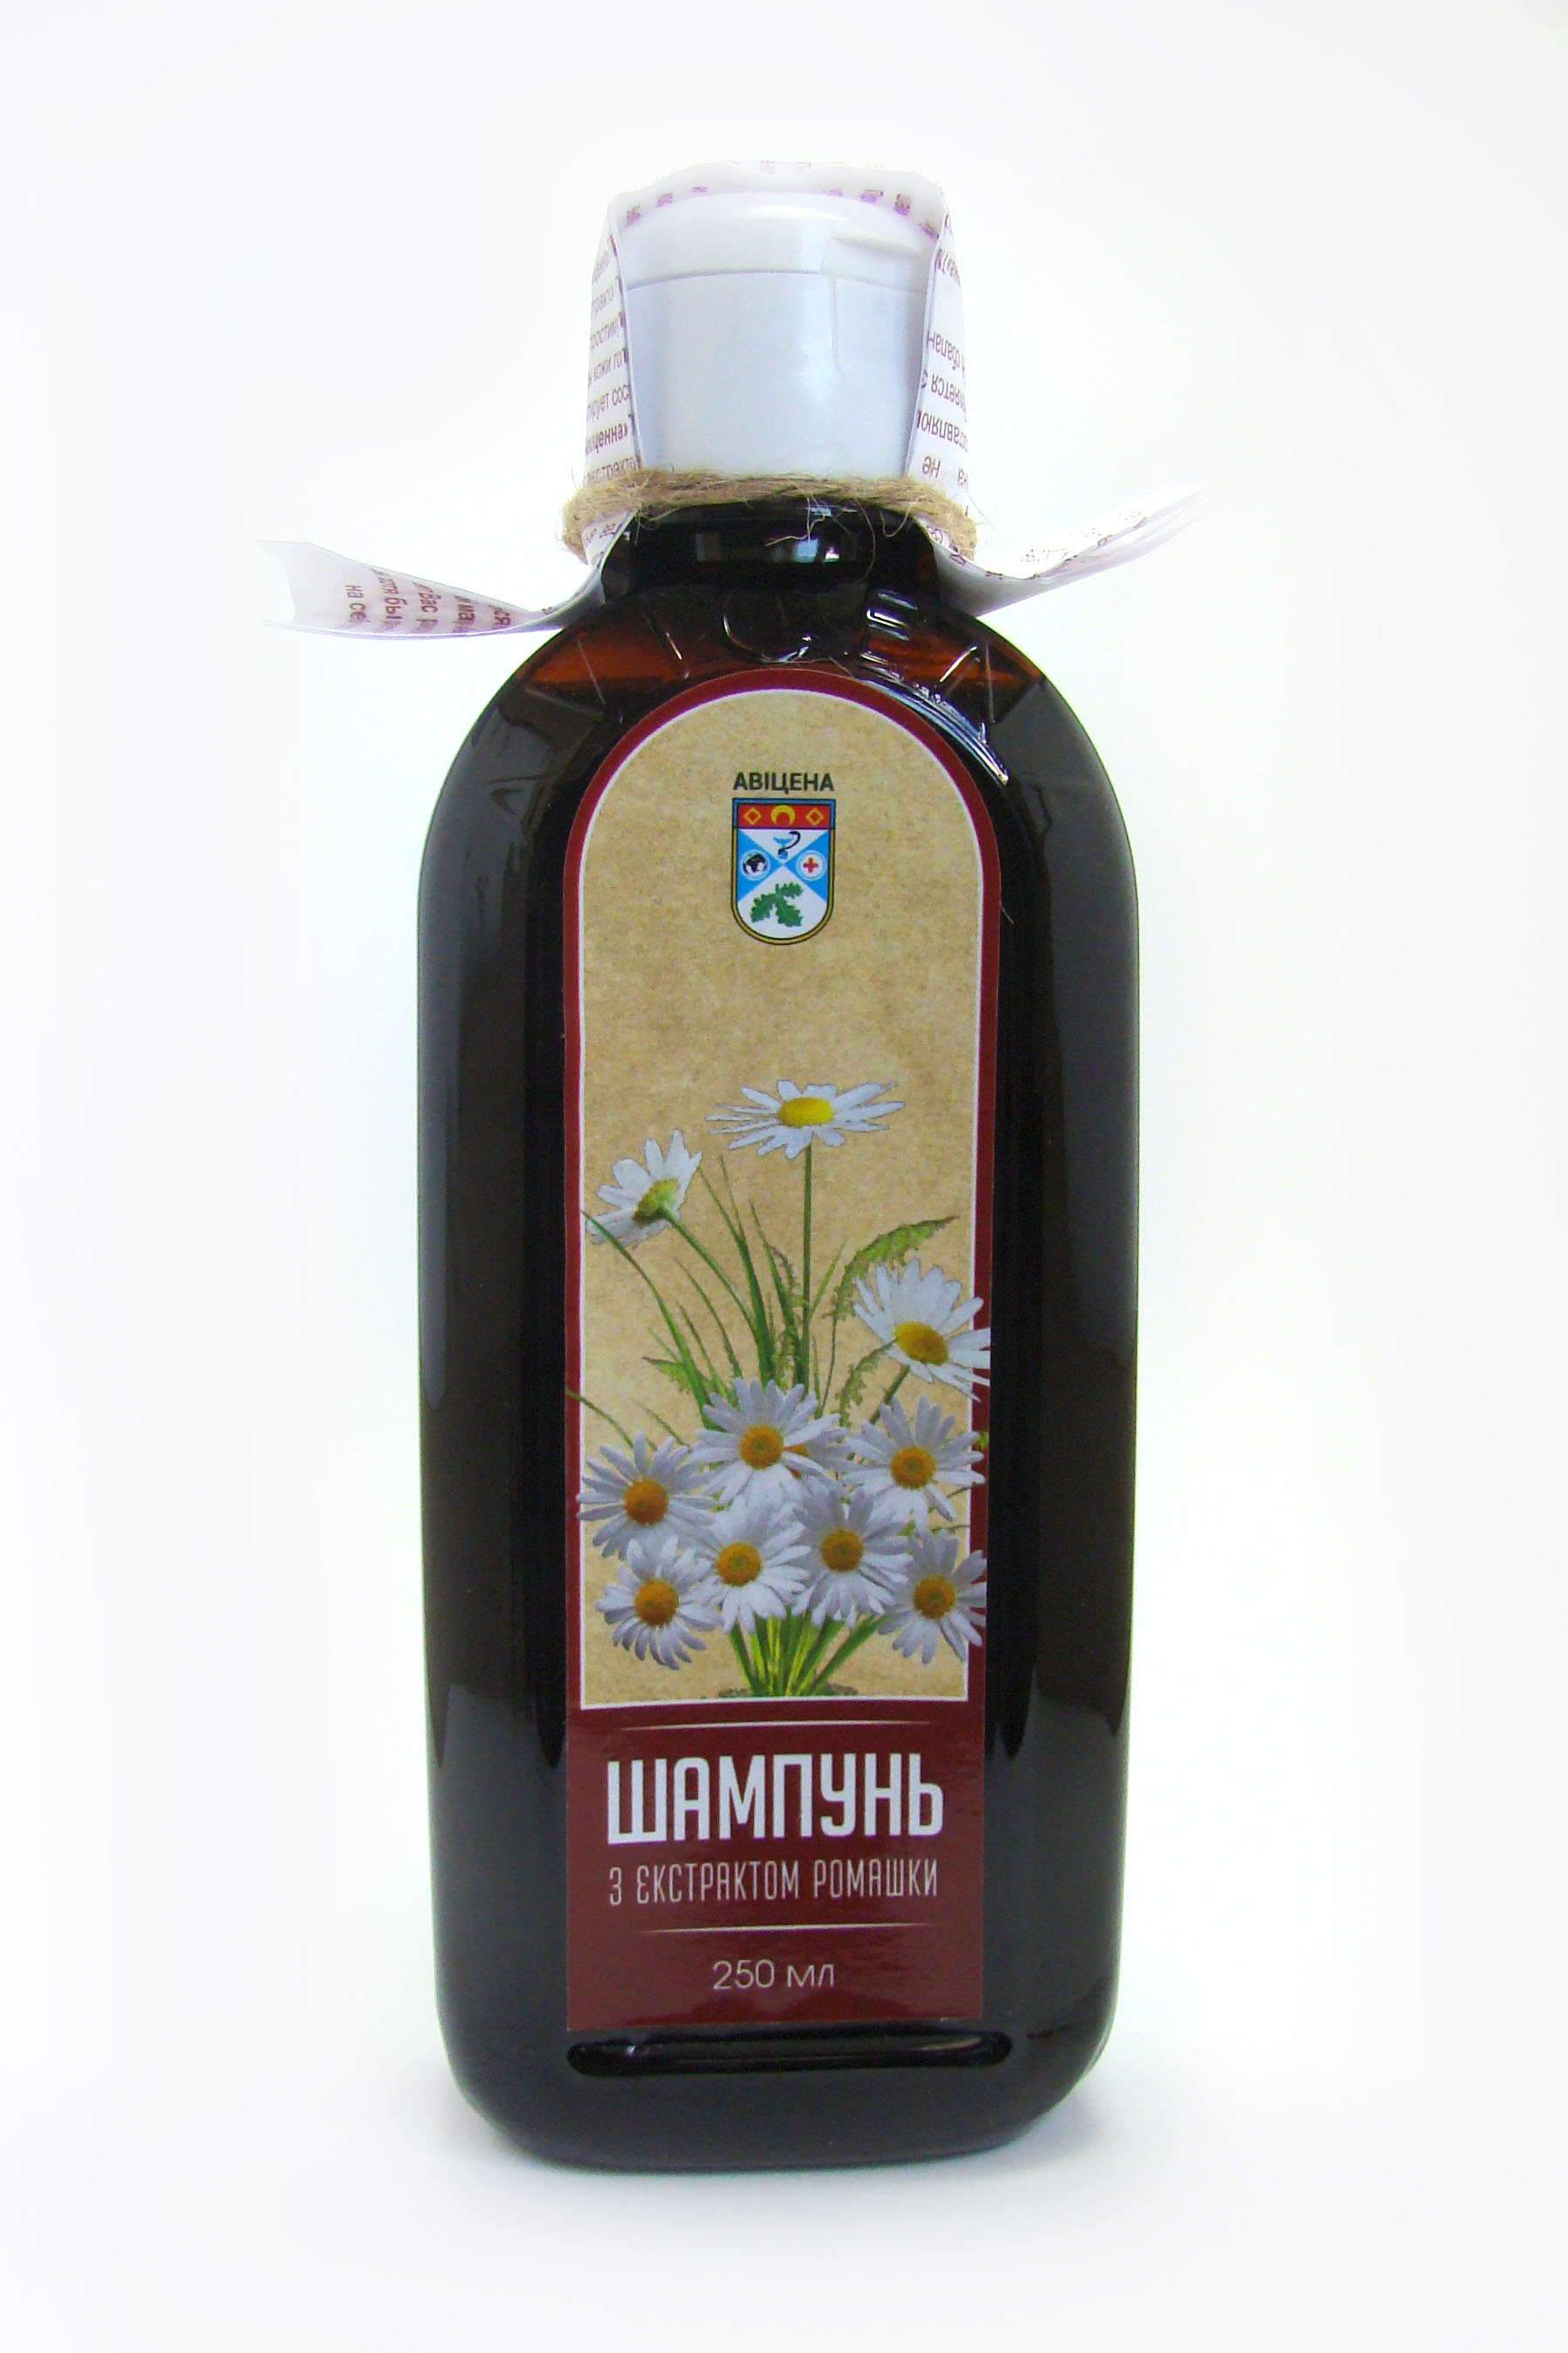 Шампунь с экстрактом ромашки Авиценна 250 мл